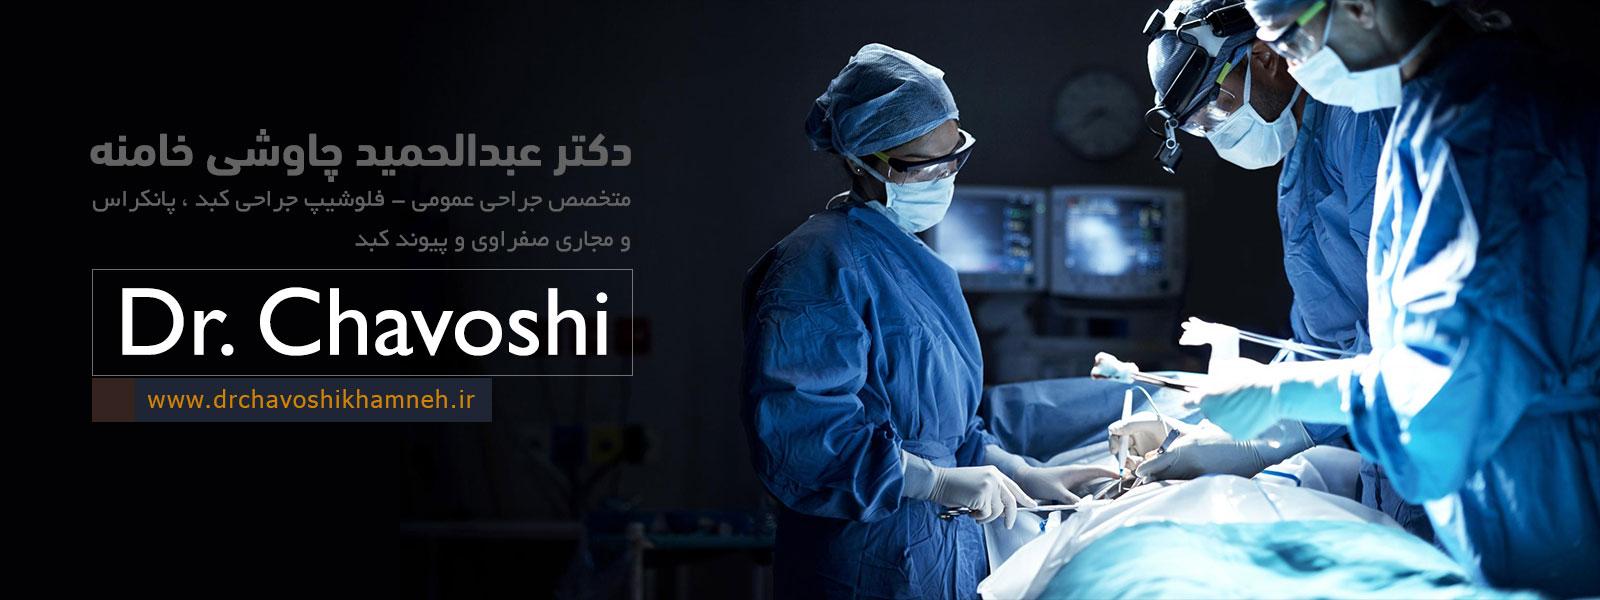 دکتر عبدالحمید چاوشی خامنه